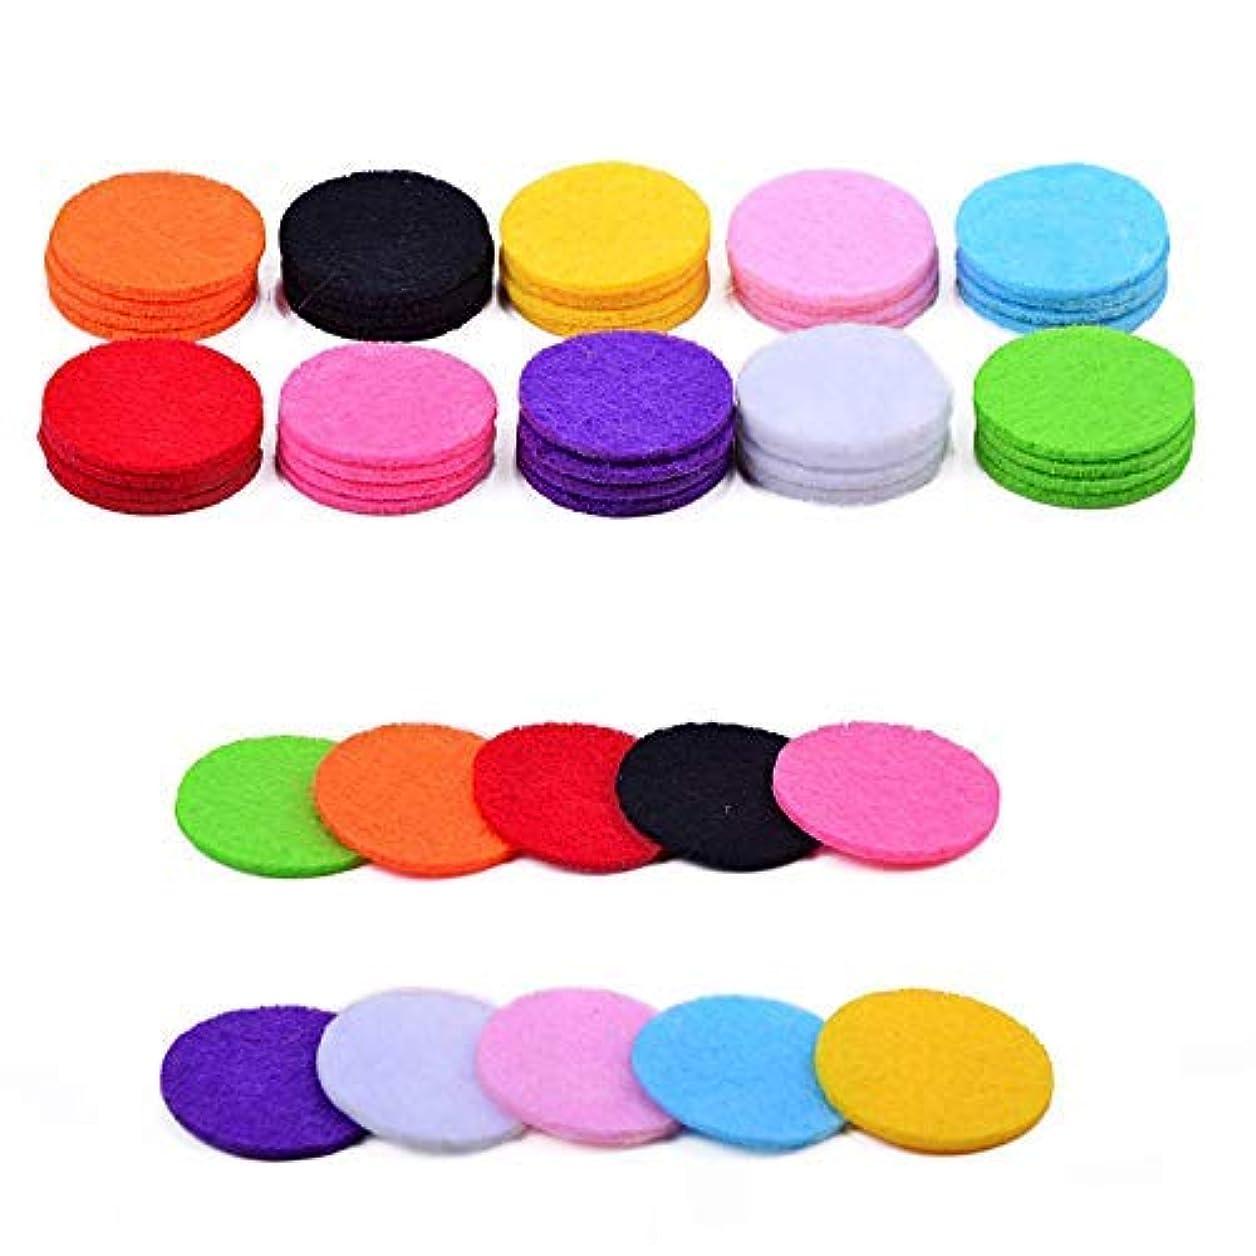 自明マトン提案(25mm/50pcs) - 50 Pcs Essential Oil Diffuser Locket Necklace Refill Pads/Aromatherapy Diffuser Necklace Replacement...